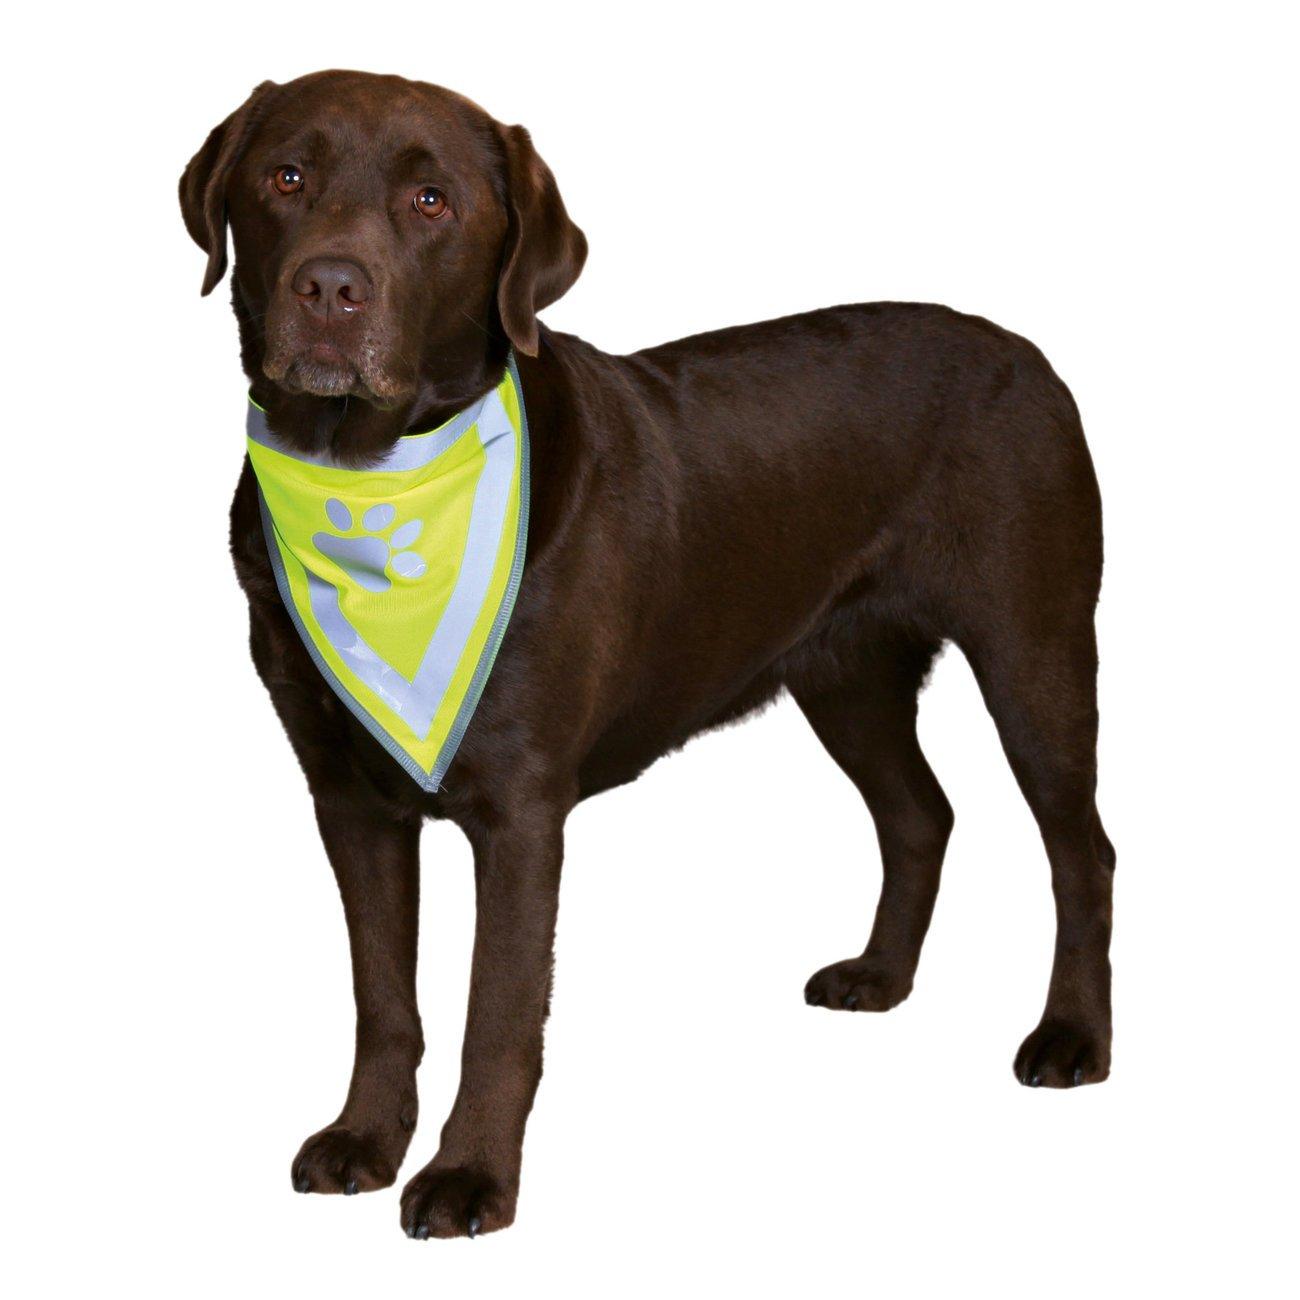 TRIXIE Sicherheits-Halstuch für Hunde 30121, Bild 3